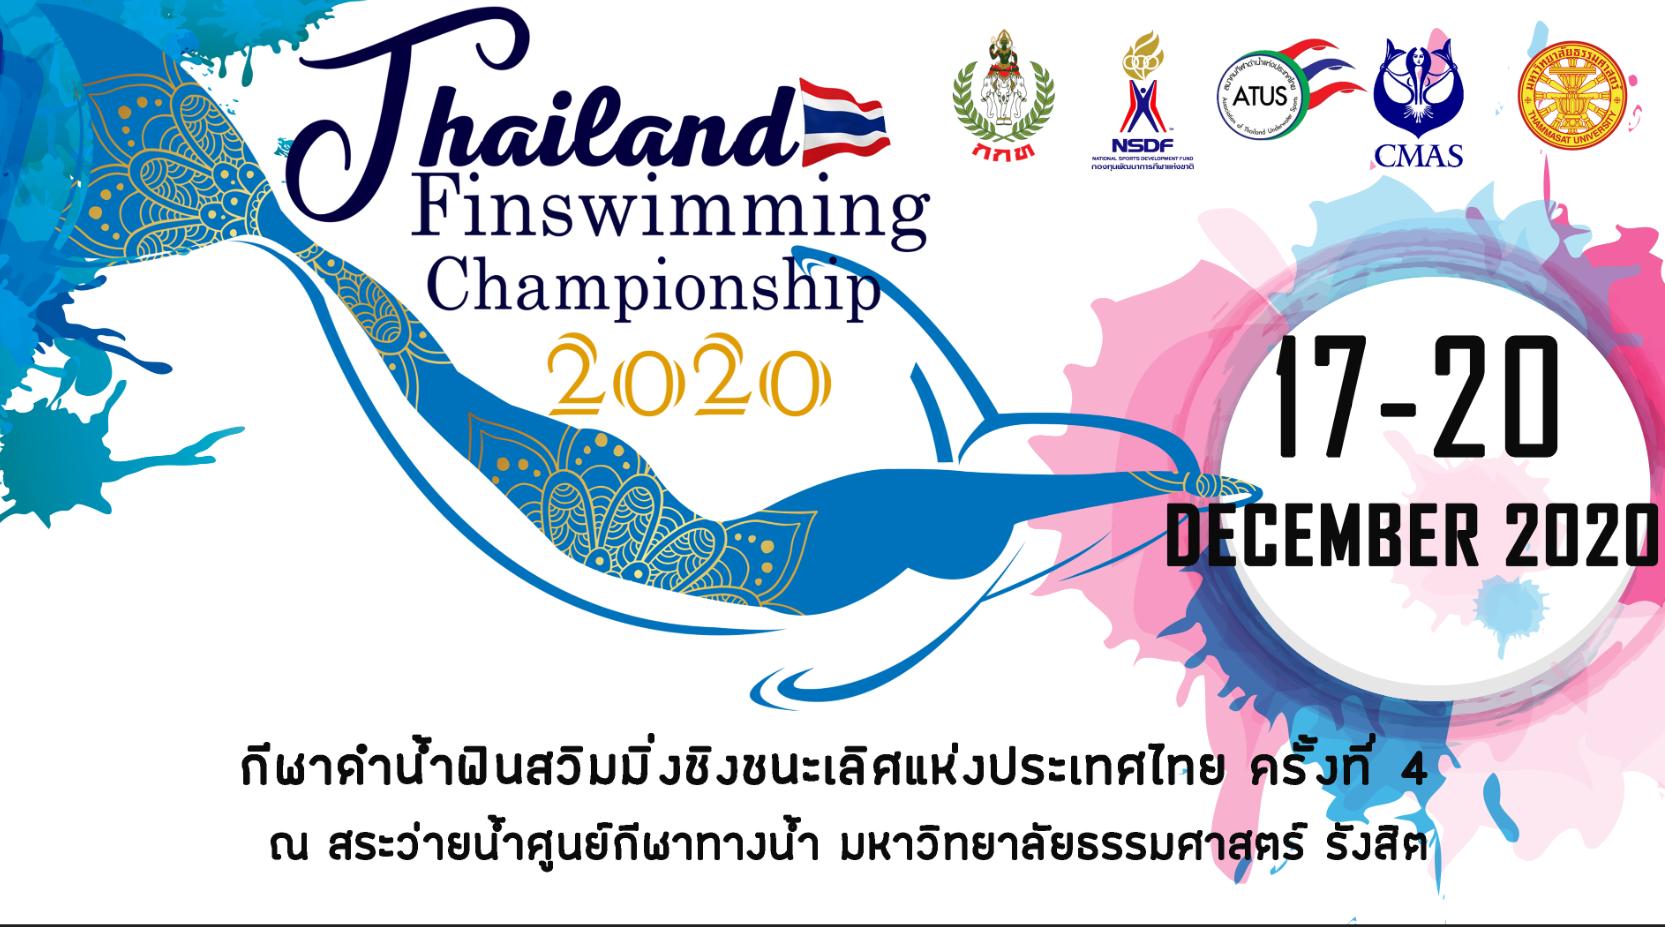 การแข่งขันกีฬาดำน้ำฟินนสวิมมิ่งชิงชนะเลิศแห่งประเทศไทย ครั้งที่ 4 ประจำปี 2563